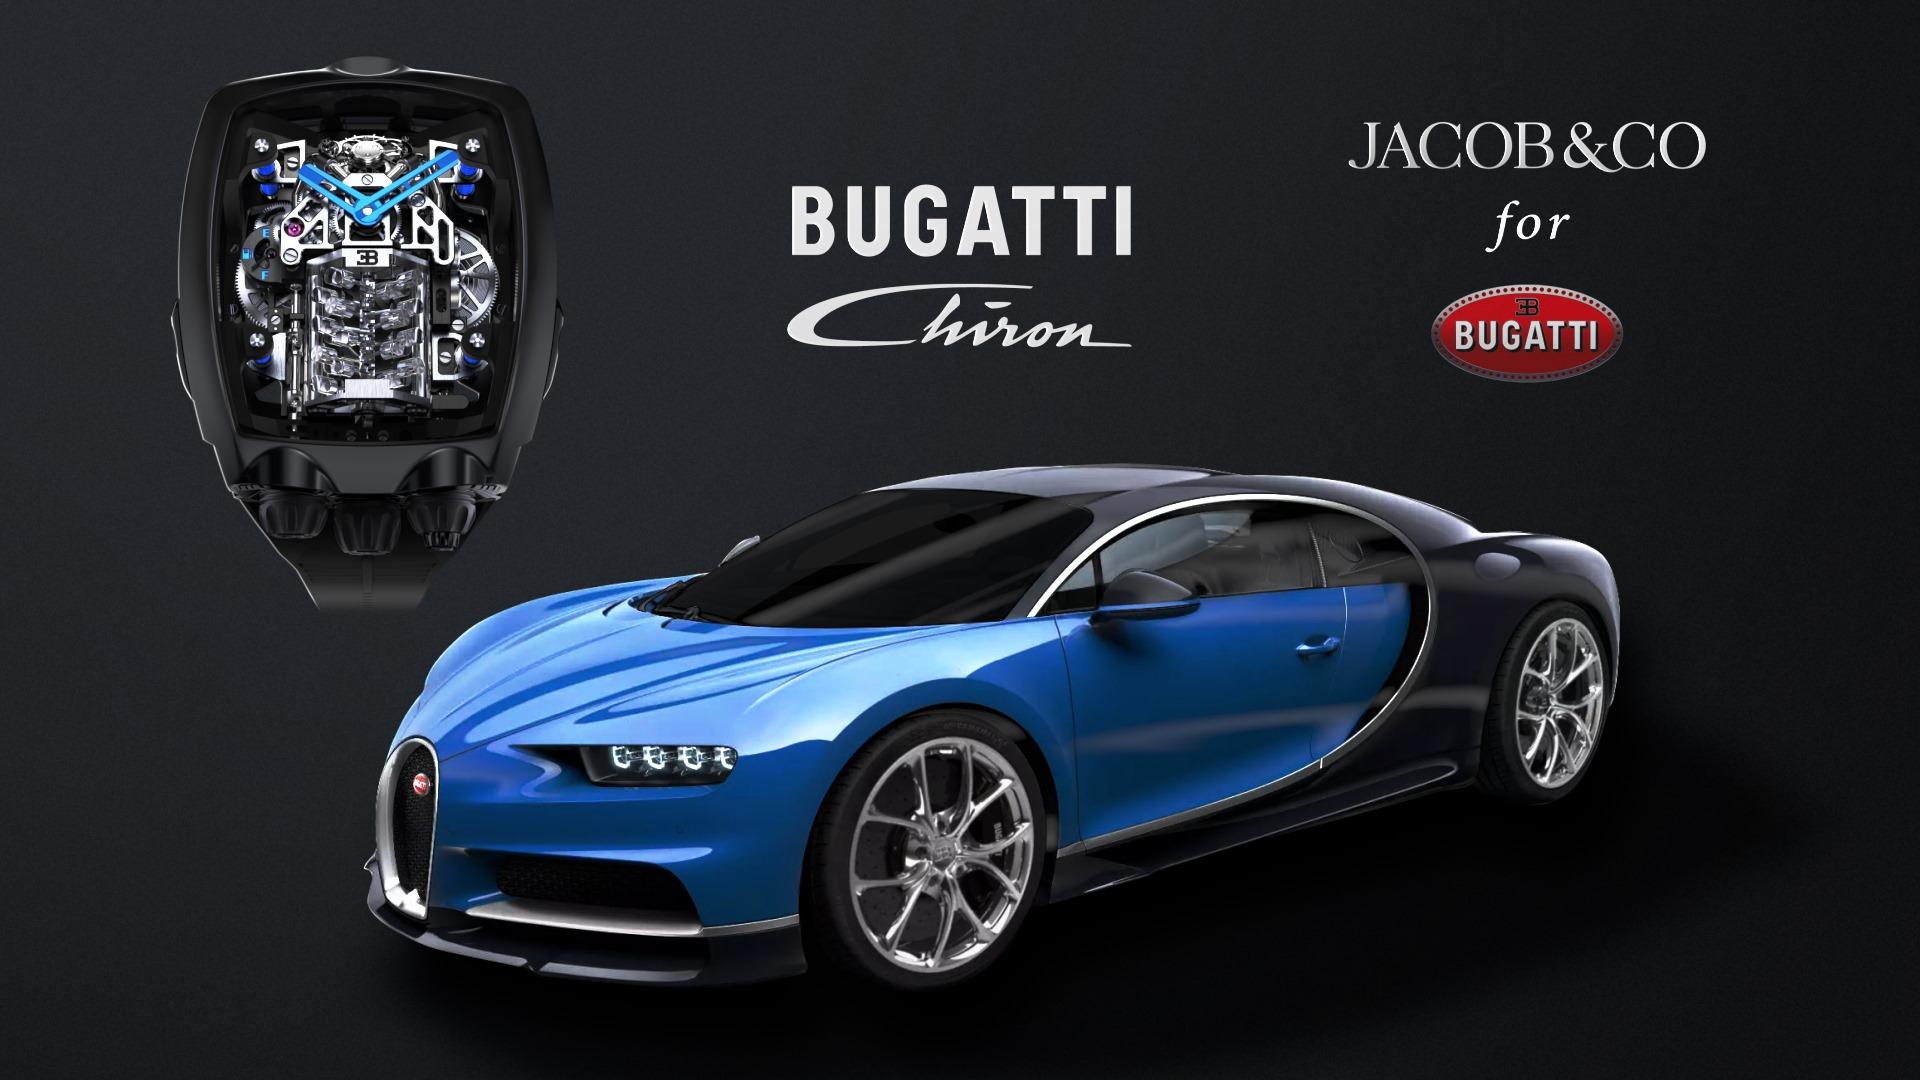 Hodinky Bugatti majú cenu drahého auta a miniatúrny šestnásťvalec 7kPnveKVXi jacob-co-bugatti-chiron